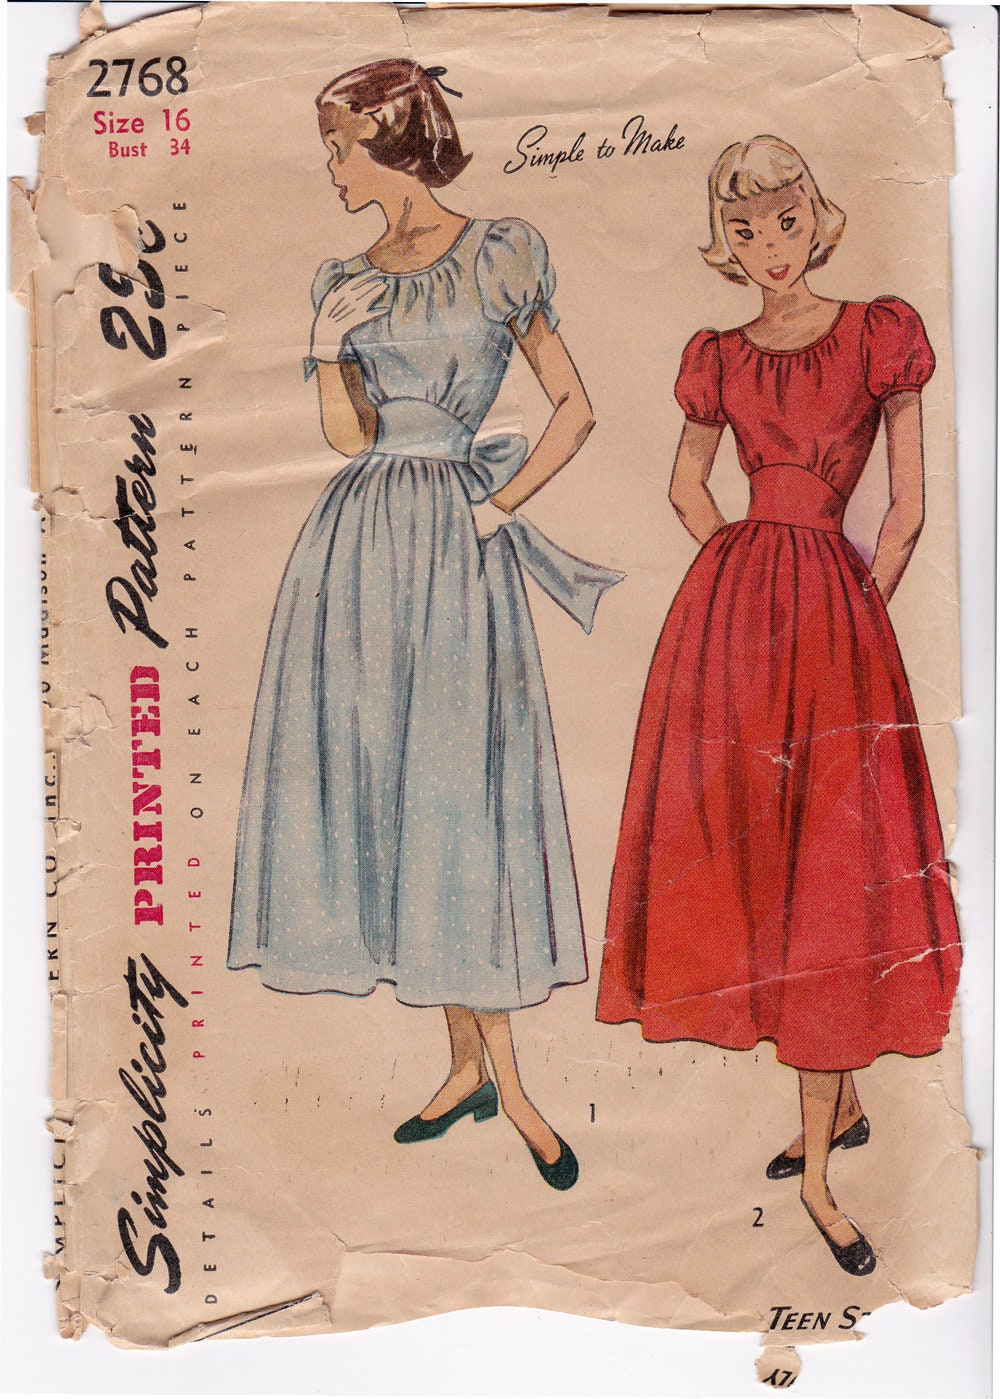 Soffio di rara semplicità 2768 40s Dirndl Dress Pattern  31695309e62